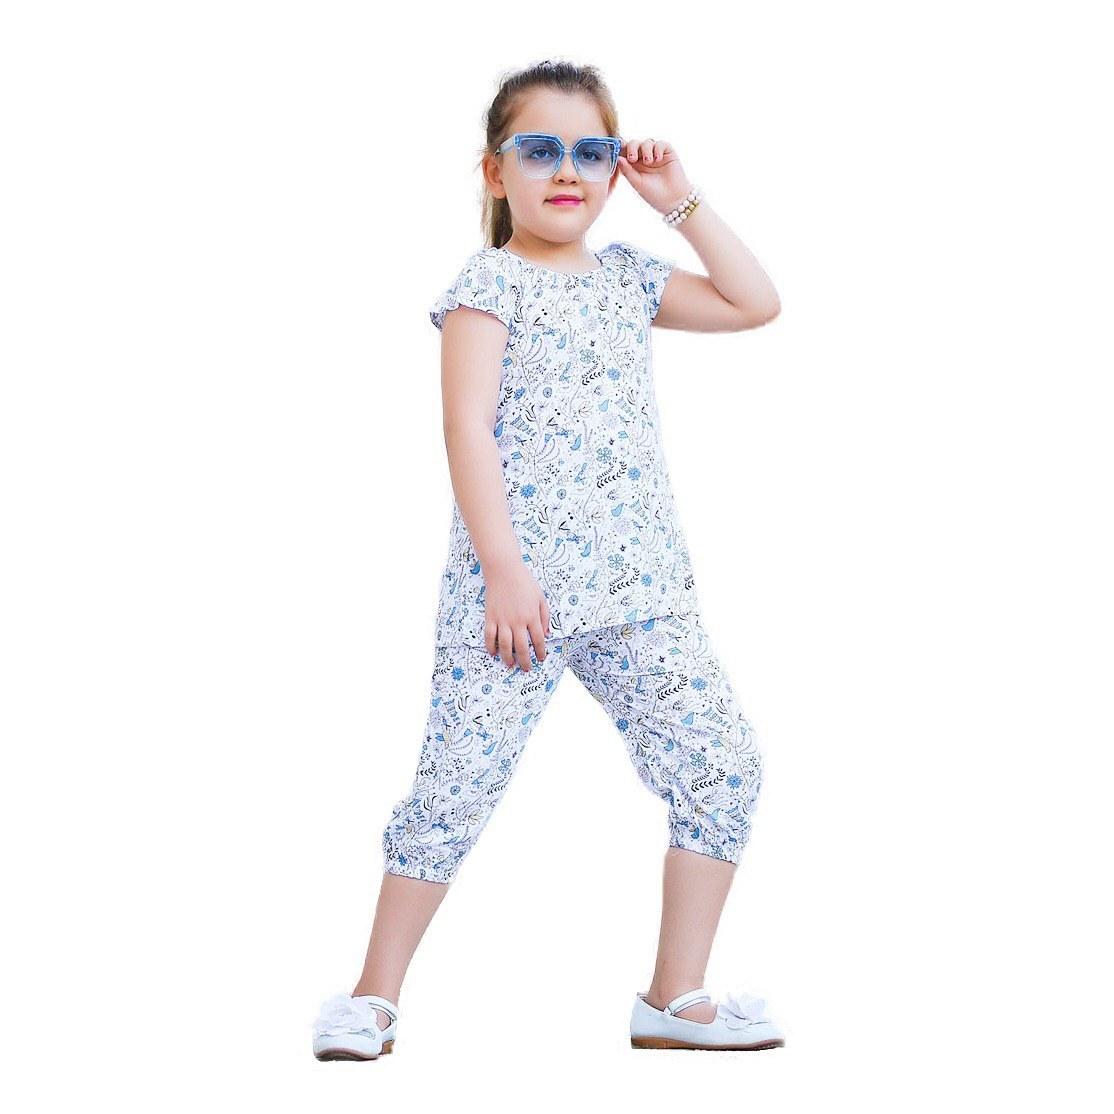 عکس ست بچه گانه دو تیکه نخی دخترانه 8 تا 10 سال ساخت ایران کد 4000551  ست-بچه-گانه-دو-تیکه-نخی-دخترانه-8-تا-10-سال-ساخت-ایران-کد-4000551